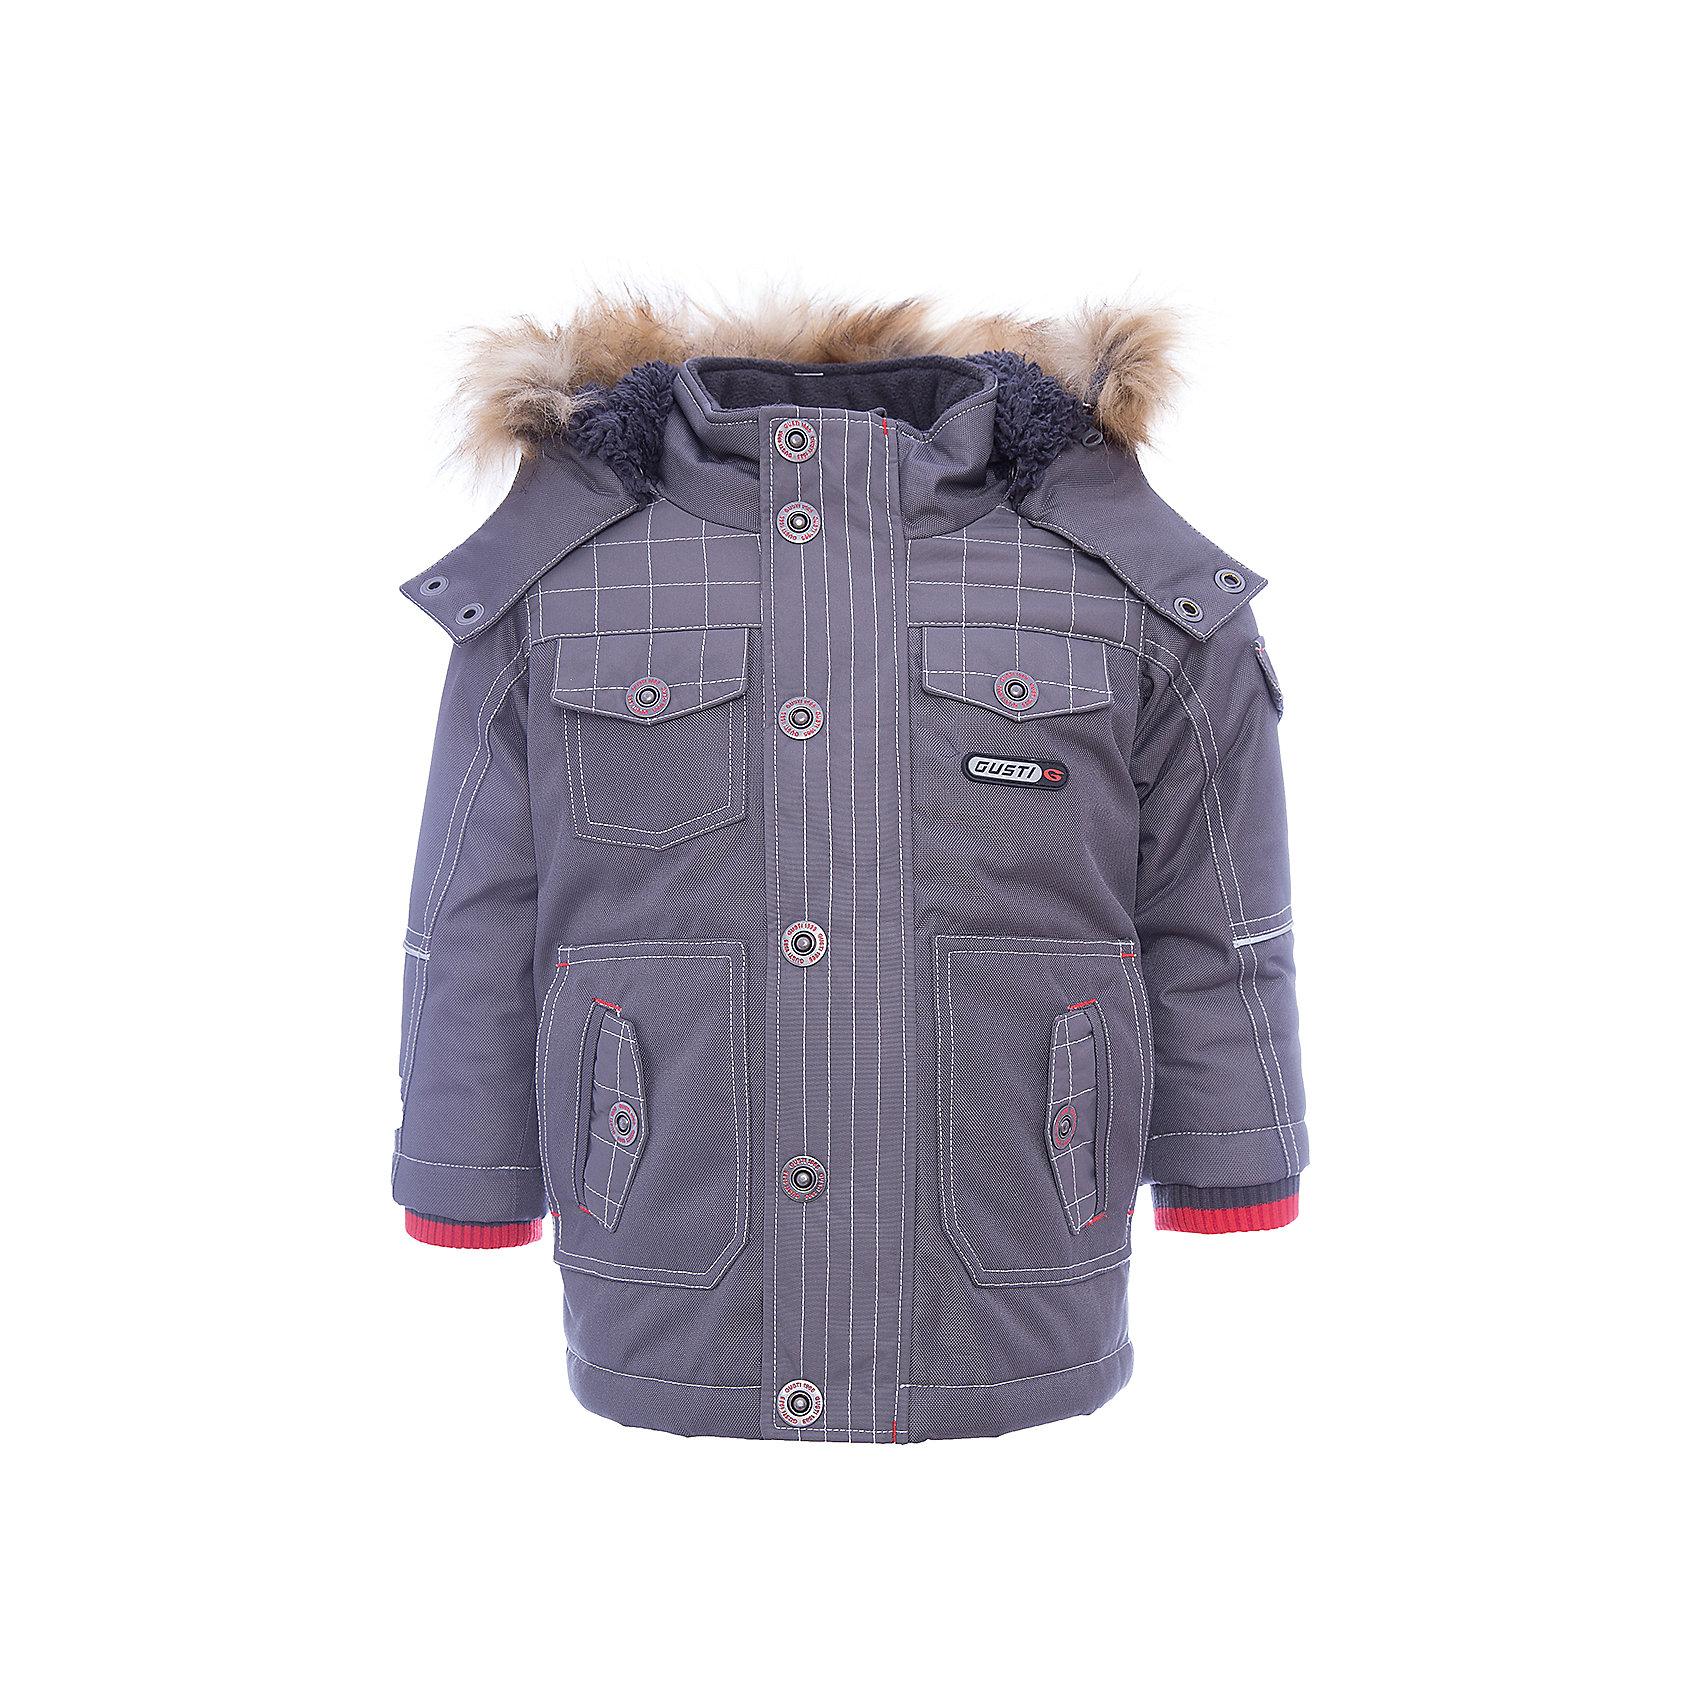 Куртка GUSTIВерхняя одежда<br>Куртка GUSTI (ГУСТИ) – это идеальный вариант для суровой зимы с сильными морозами.<br><br>Температурный режим: до -30  градусов. Степень утепления – высокая. <br><br>* Температурный режим указан приблизительно — необходимо, прежде всего, ориентироваться на ощущения ребенка. Температурный режим работает в случае соблюдения правила многослойности – использования флисовой поддевы и термобелья.<br><br>Удлиненная куртка прямого кроя от GUSTI (ГУСТИ) выполнена из плотного непромокаемого материала с защитной от влаги мембраной 5000 мм. Тань хорошо сохраняет тепло, отталкивает влагу и позволяет коже ребенка дышать. Утеплитель из тек-полифилла и флисовая внутренняя отделка на груди и на спинке дают возможность использовать куртку при очень низких температурах. Куртка застегивается на молнию с ветрозащитной планкой, имеет шесть удобных карманов, кулиску внутри по талии, высокий ворот с защитой шеи и подбородка, съемный капюшон с флисовой подкладкой и отстегивающейся оторочкой из искусственного меха. Модель подходит для прогулок на морозе до -30 градусов.<br><br>Дополнительная информация:<br><br>- Сезон: зима<br>- Пол: мальчик<br>- Цвет: серый<br>- Температурный режим до -30 градусов<br>- Материал верха: shuss 5000мм (100% полиэстер)<br>- Наполнитель: тек-полифилл плотностью 283 гр/м (10 унций) 100% полиэстер<br>- Подкладка: флис на груди и спинке (100% полиэстер)<br>- Молнии и фурнитура YKK<br>- Светоотражающие элементы 3М Scotchlite<br><br>Куртку GUSTI (ГУСТИ) можно купить в нашем интернет-магазине.<br><br>Ширина мм: 356<br>Глубина мм: 10<br>Высота мм: 245<br>Вес г: 519<br>Цвет: серый<br>Возраст от месяцев: 84<br>Возраст до месяцев: 96<br>Пол: Мужской<br>Возраст: Детский<br>Размер: 120,116,122,128,140,152,164,92,98,100,104,110<br>SKU: 4972557